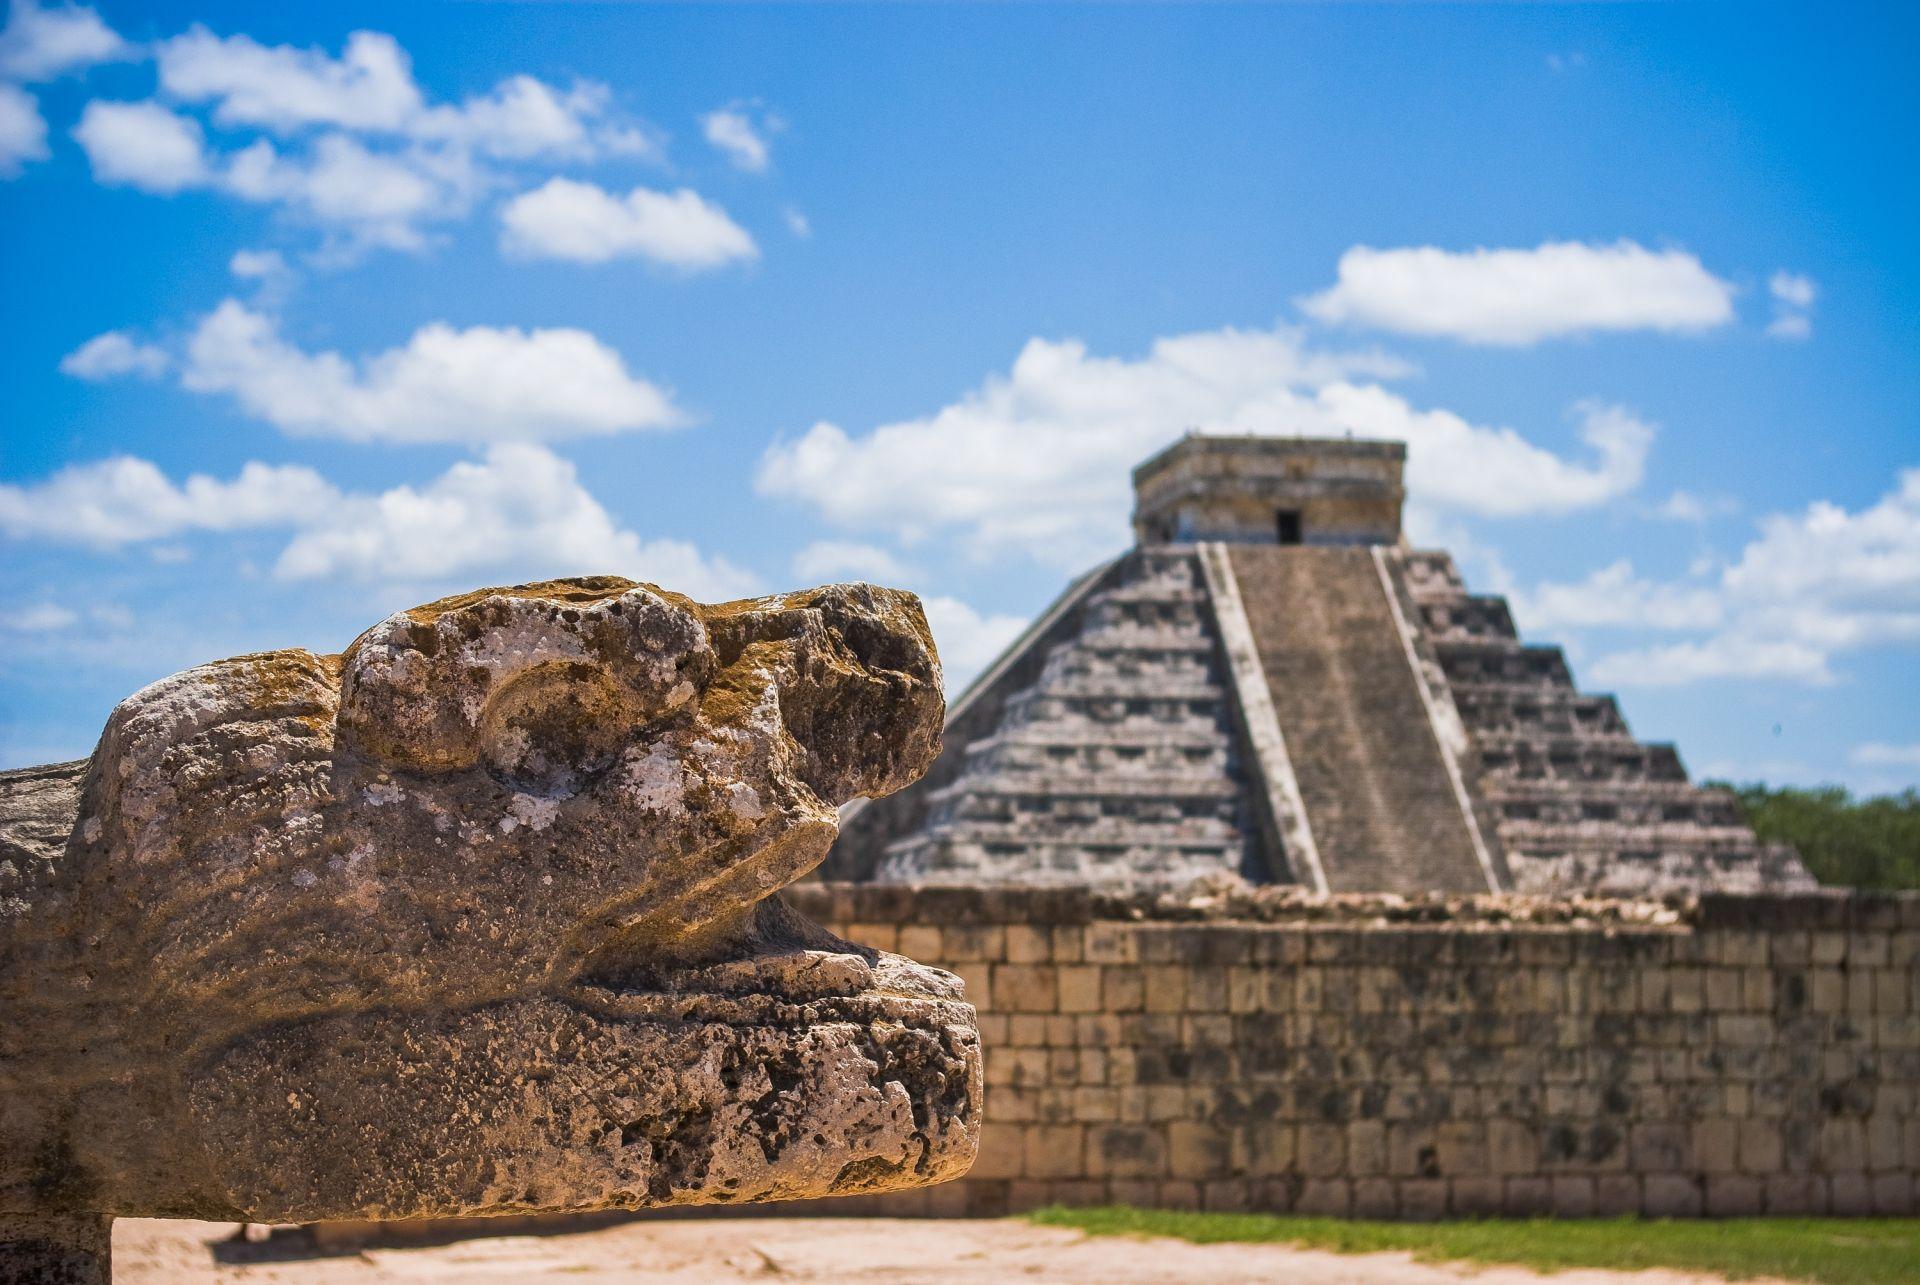 Călătorie cu familia în Yucatan, de pe plajele Caraibilor la piramidele Maya